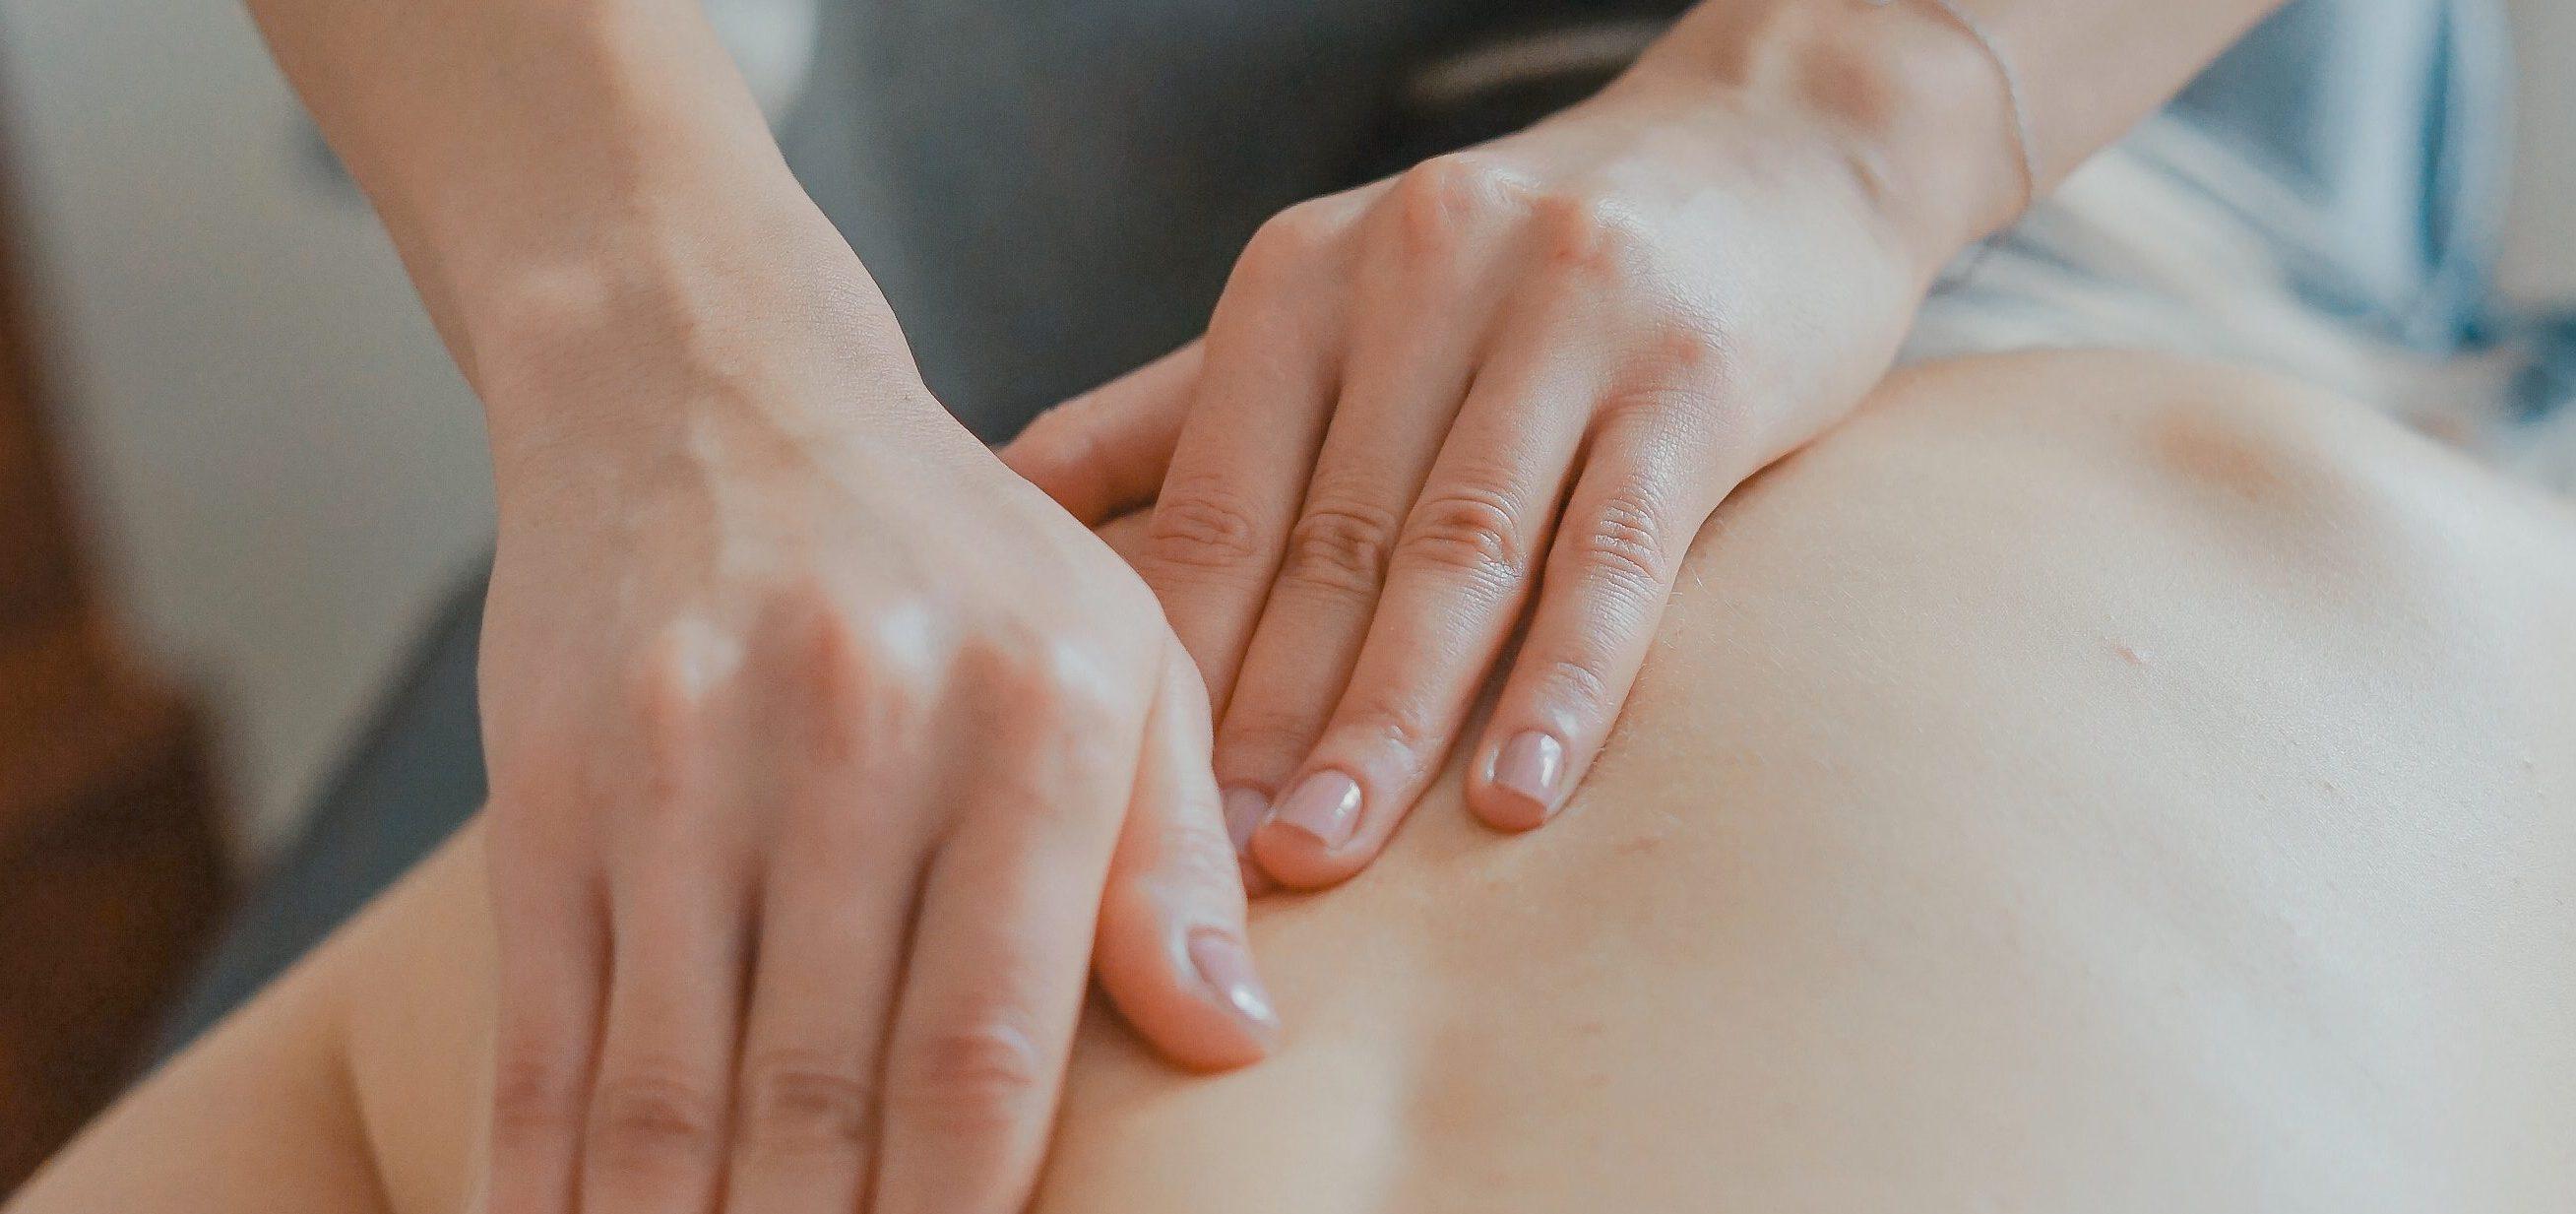 Ostéopathie : Rendez-vous avec Adèle le Jeudi soir